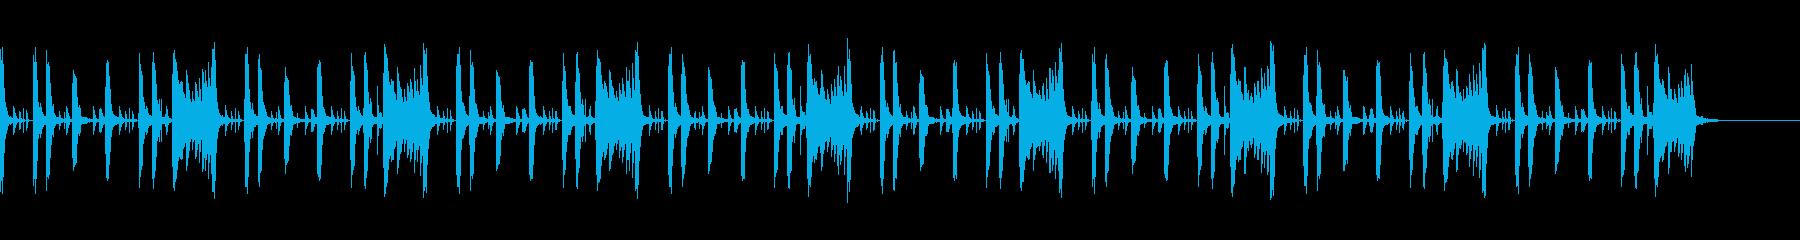 コミカルで軽快なピアノ木琴ループの再生済みの波形